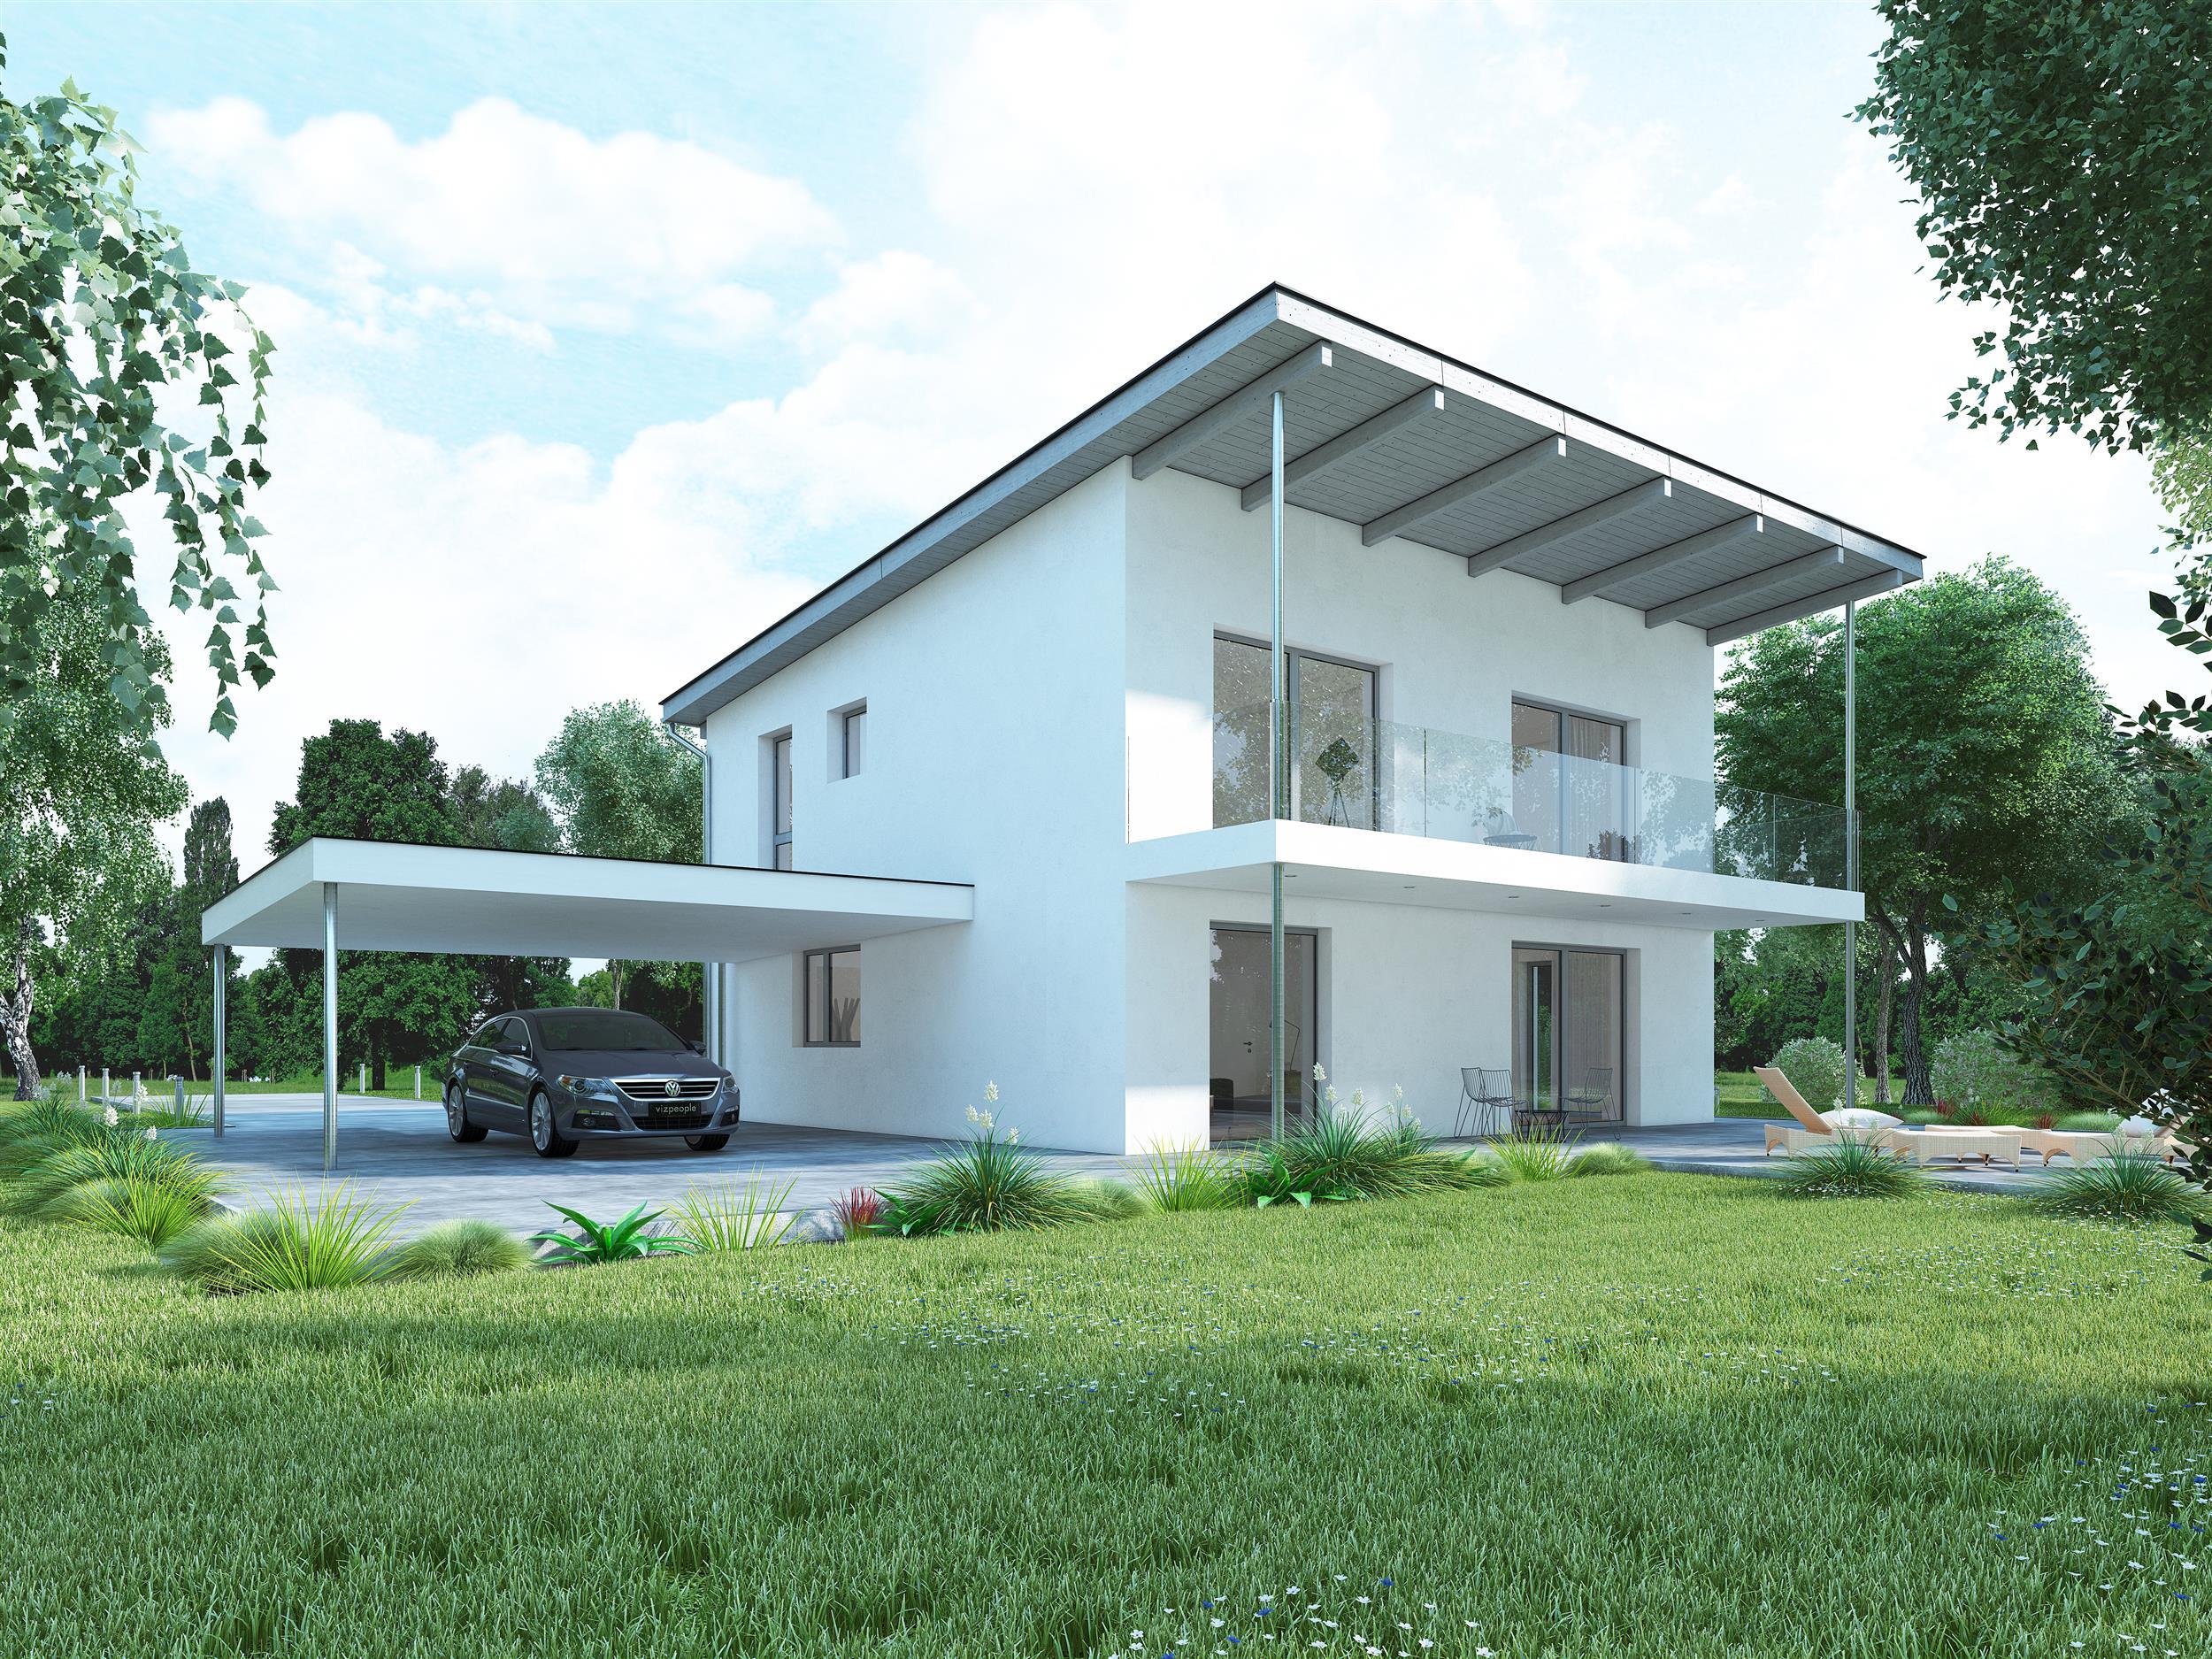 unsere hausmodelle ssw s ds dwest designh user das design fertighaus in massivbauweise. Black Bedroom Furniture Sets. Home Design Ideas